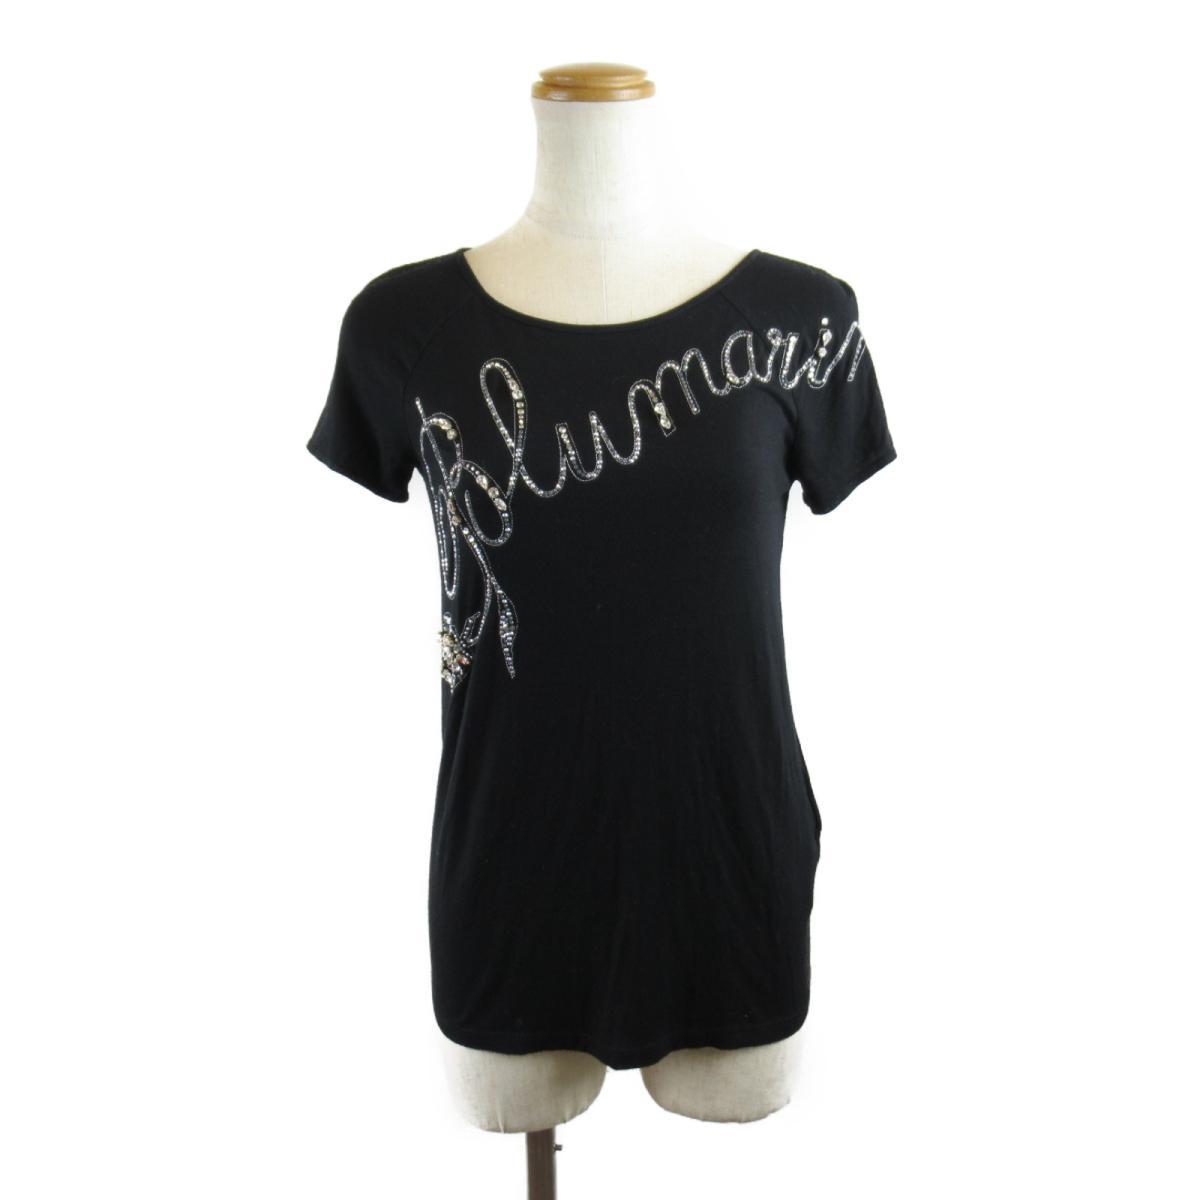 激安セール BLUMARINE Tシャツ 衣料品 ランクA ブランドオフ 誕生日 プレゼント ギフト 出群 レーヨン ブラック ラインストーン レディース x xポリウレタン 中古 ブルマリン